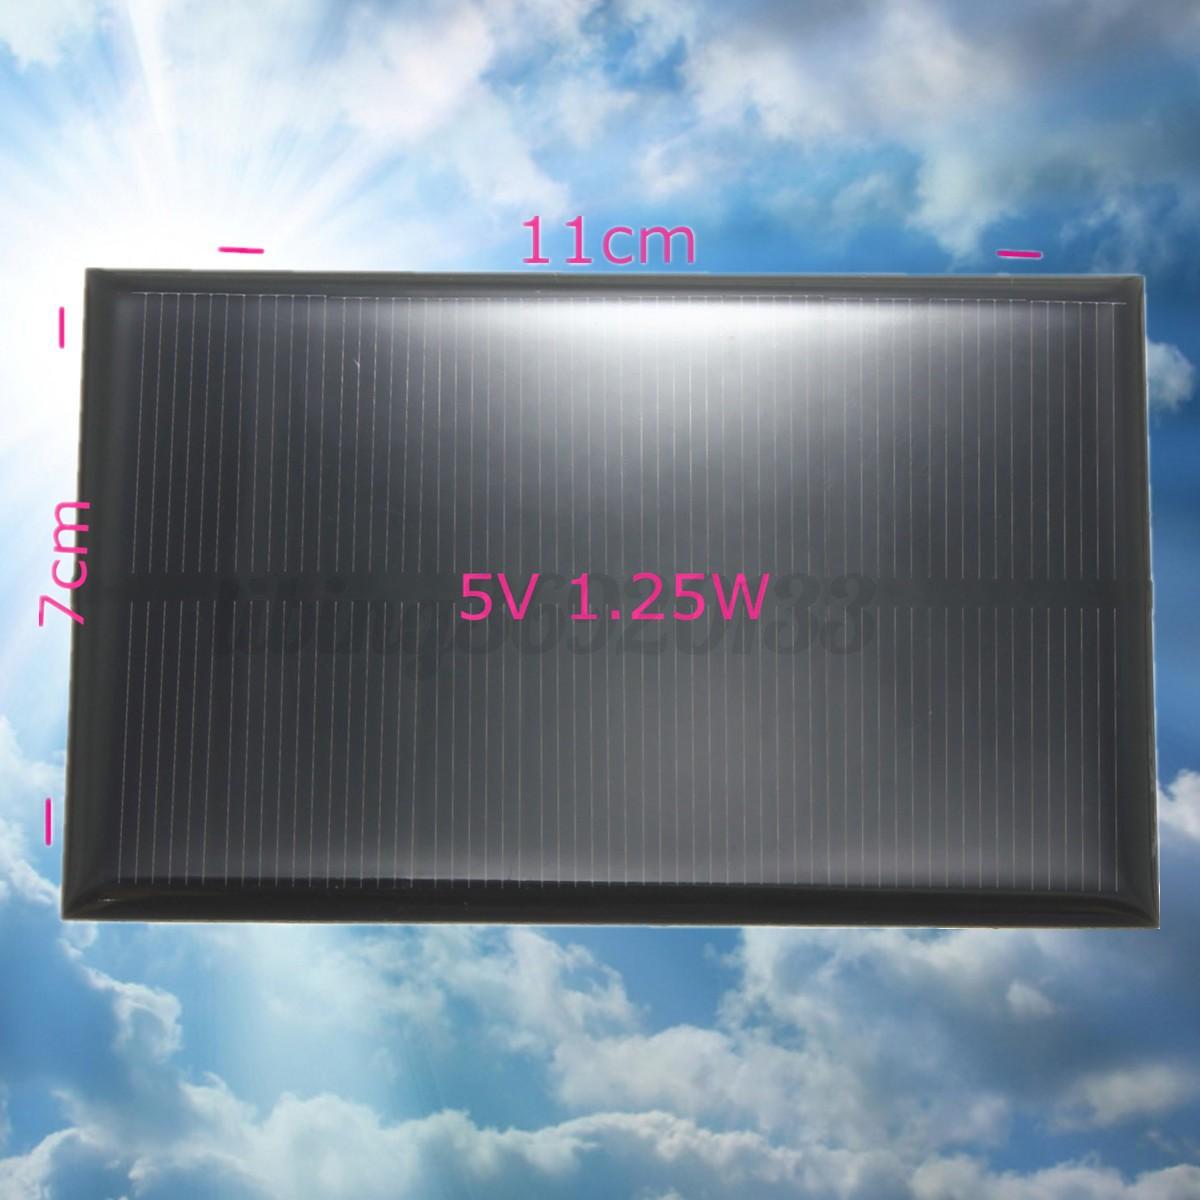 Pannelli fotovoltaici integrati dimensioni 100